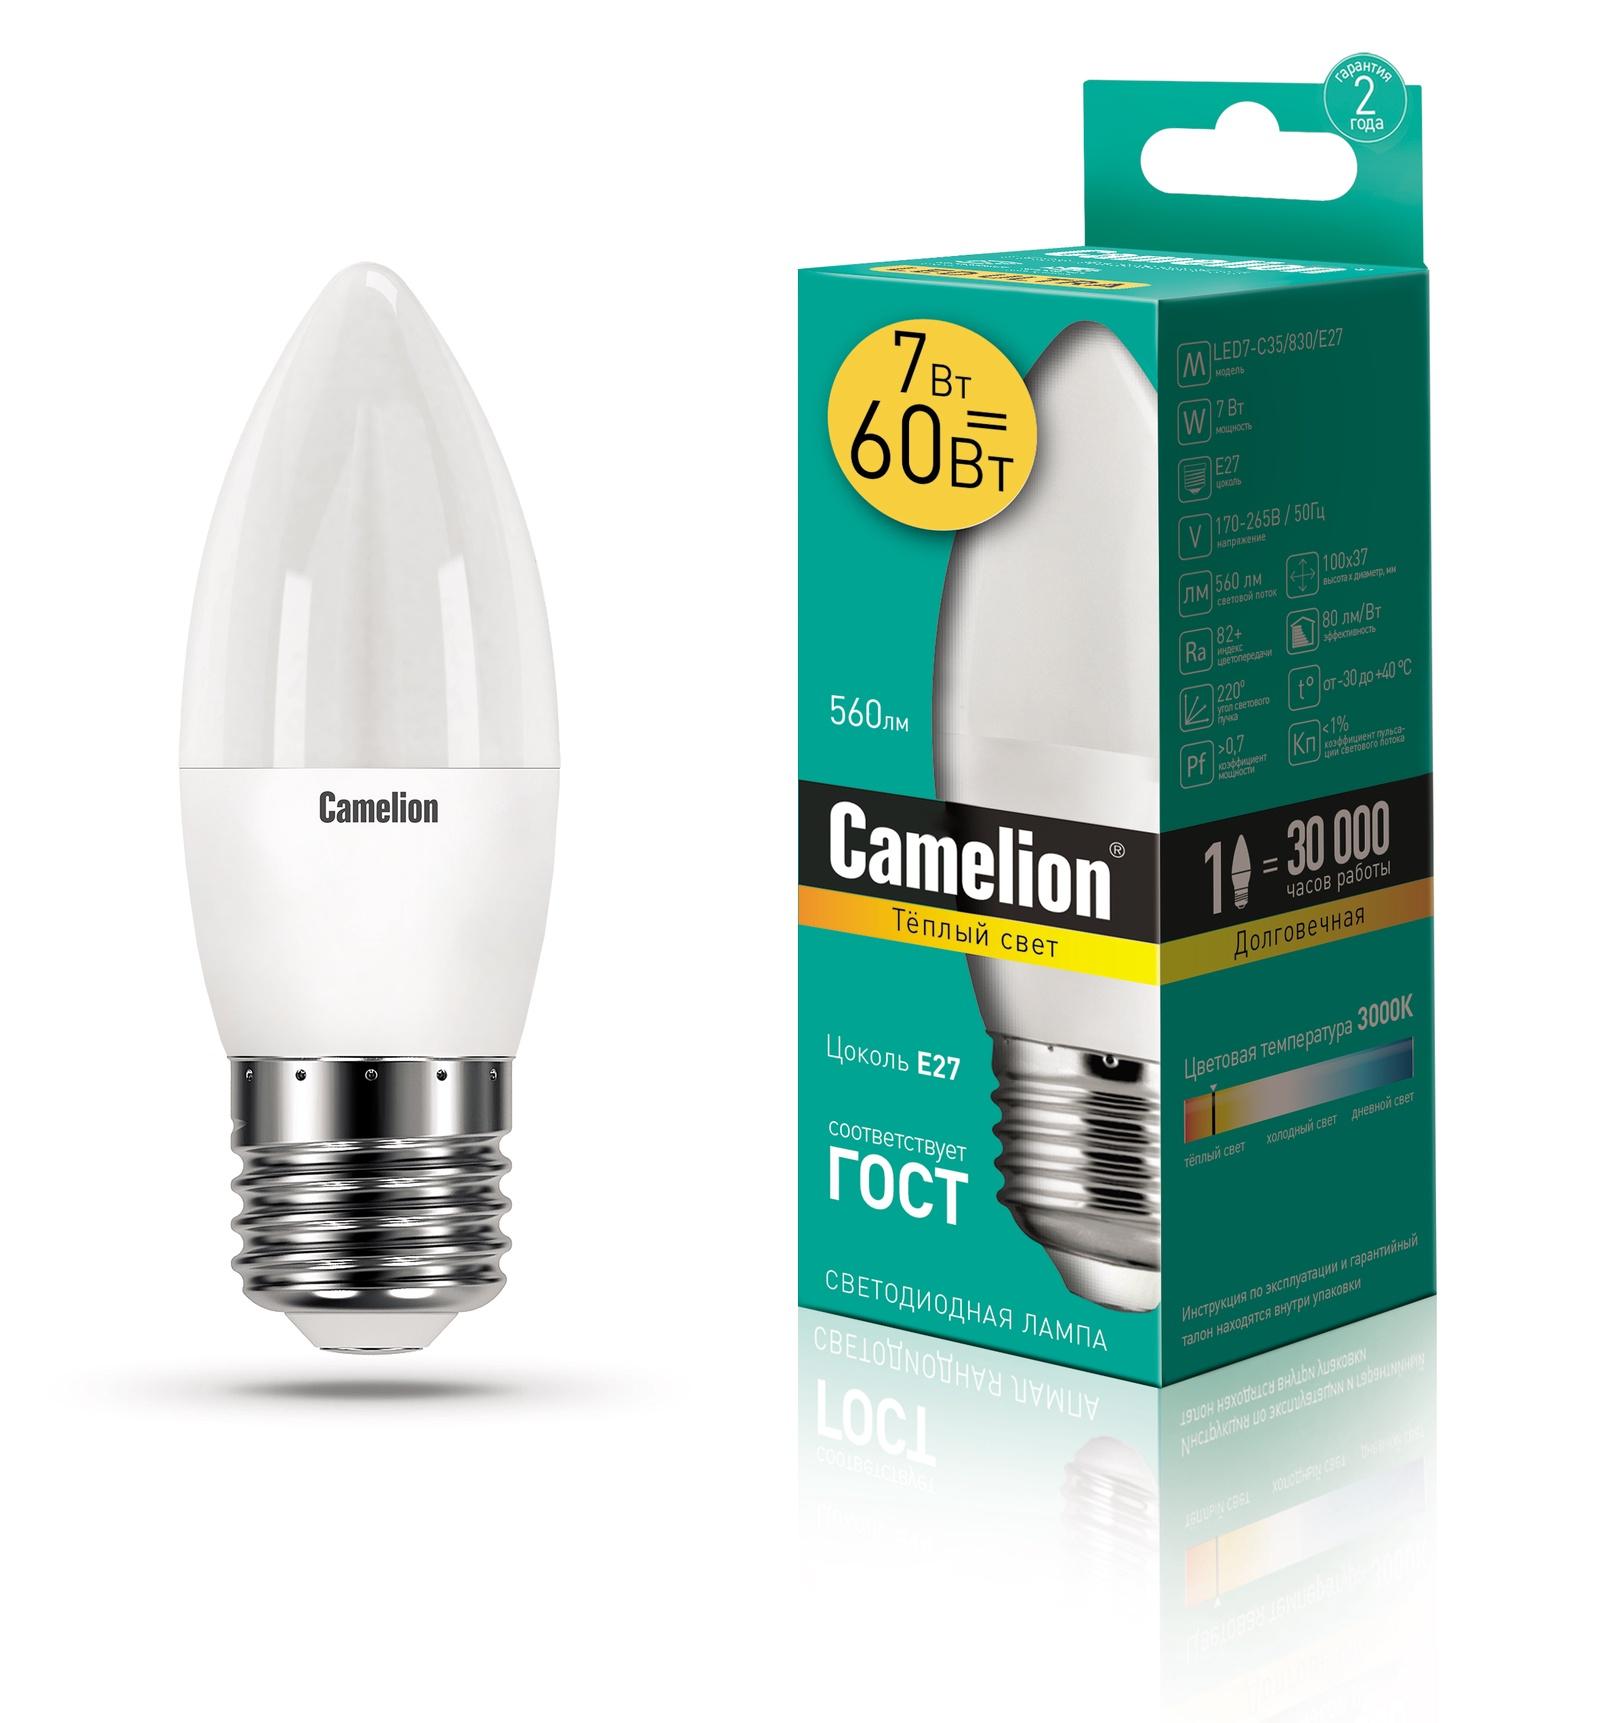 купить Лампочка Camelion LED7-C35/830/E27, Теплый свет 8 Вт, Светодиодная по цене 80 рублей